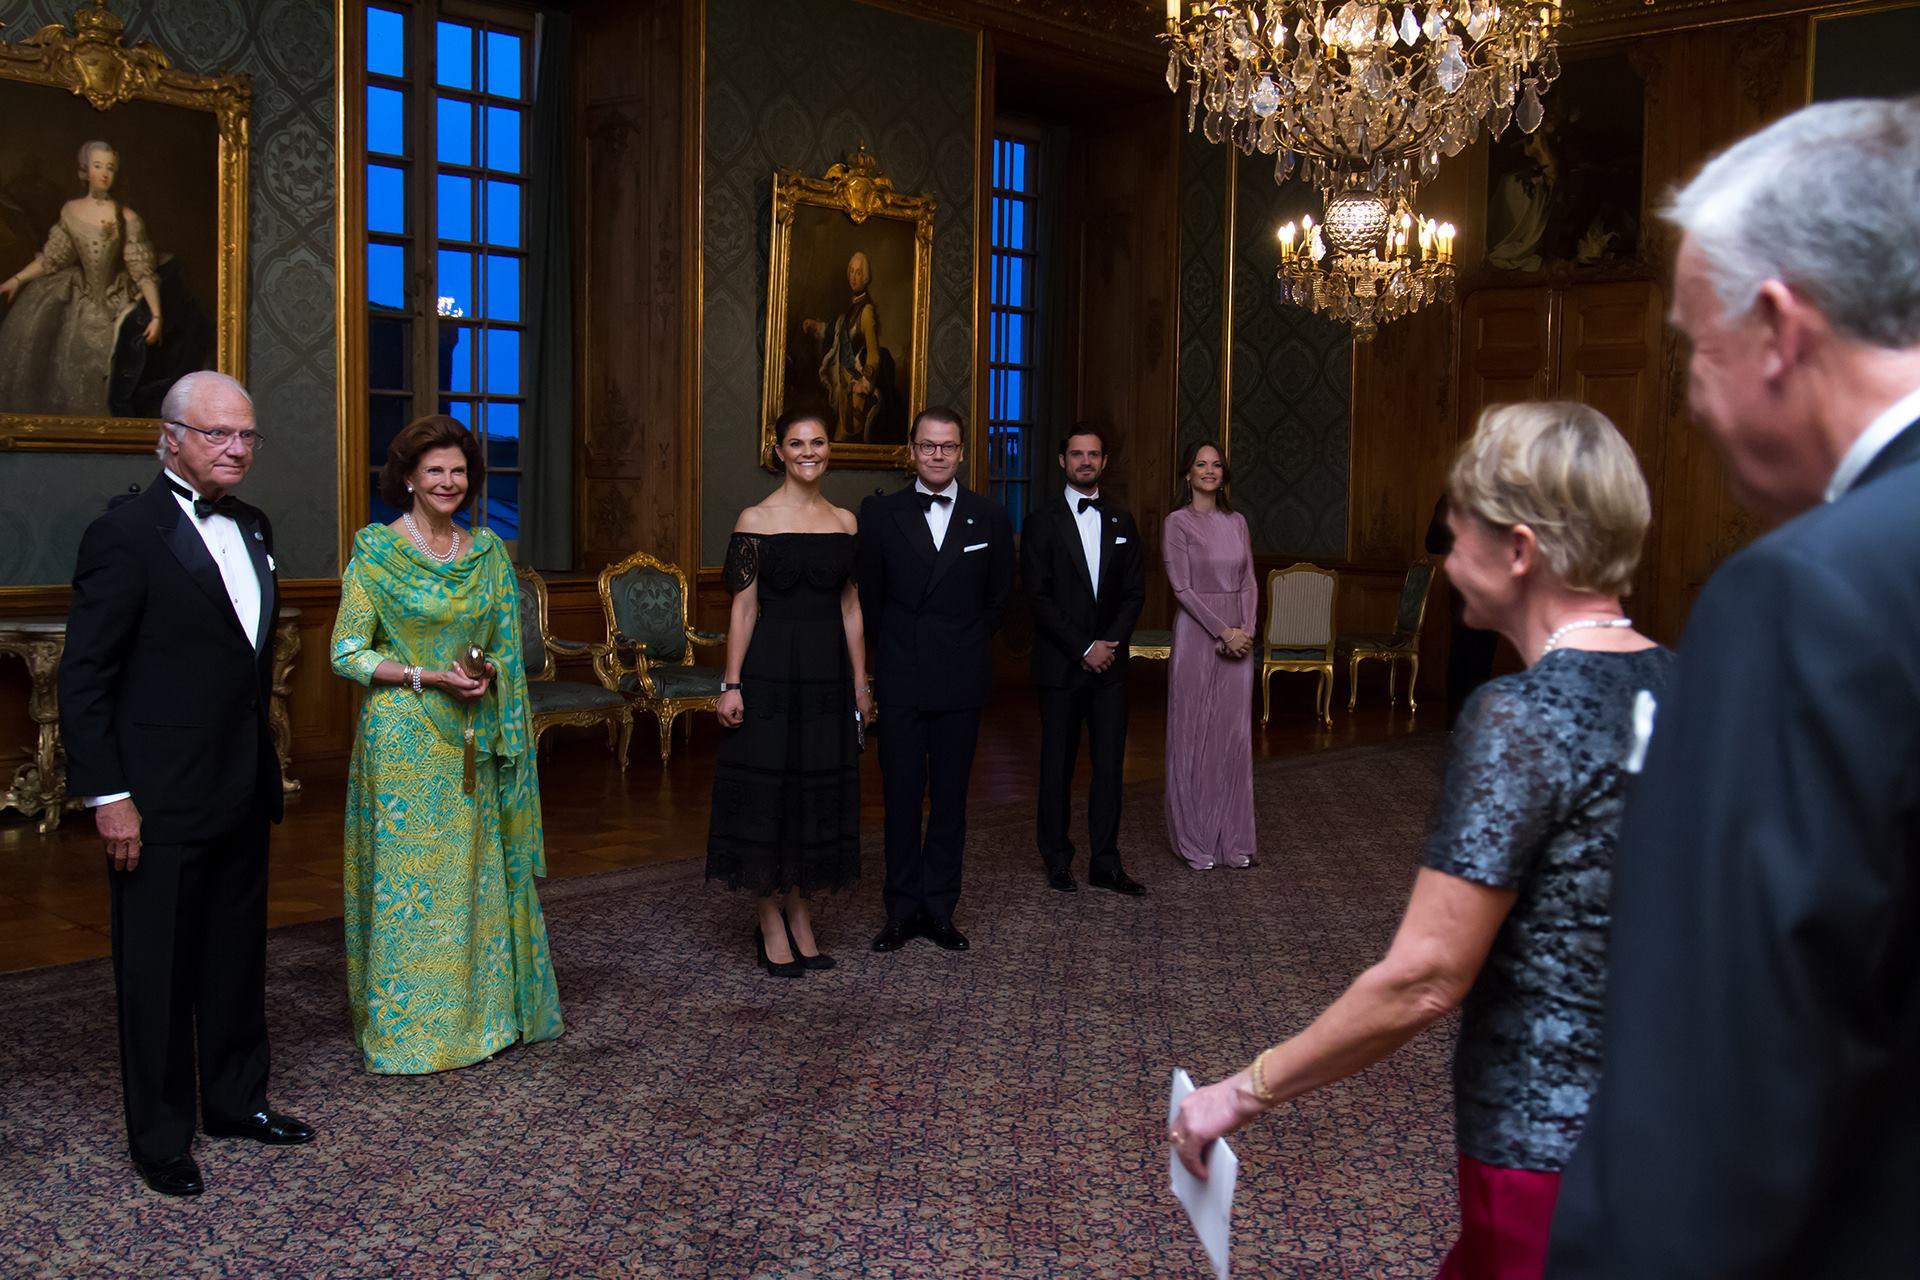 Die schwedische Königsfamilie begrüßt die geladenen Gäste zum Schwedendinner. Kronprinzessin Victoria strahlt besonders schön.  ©Henrik Garlöv/Kungahuset.se